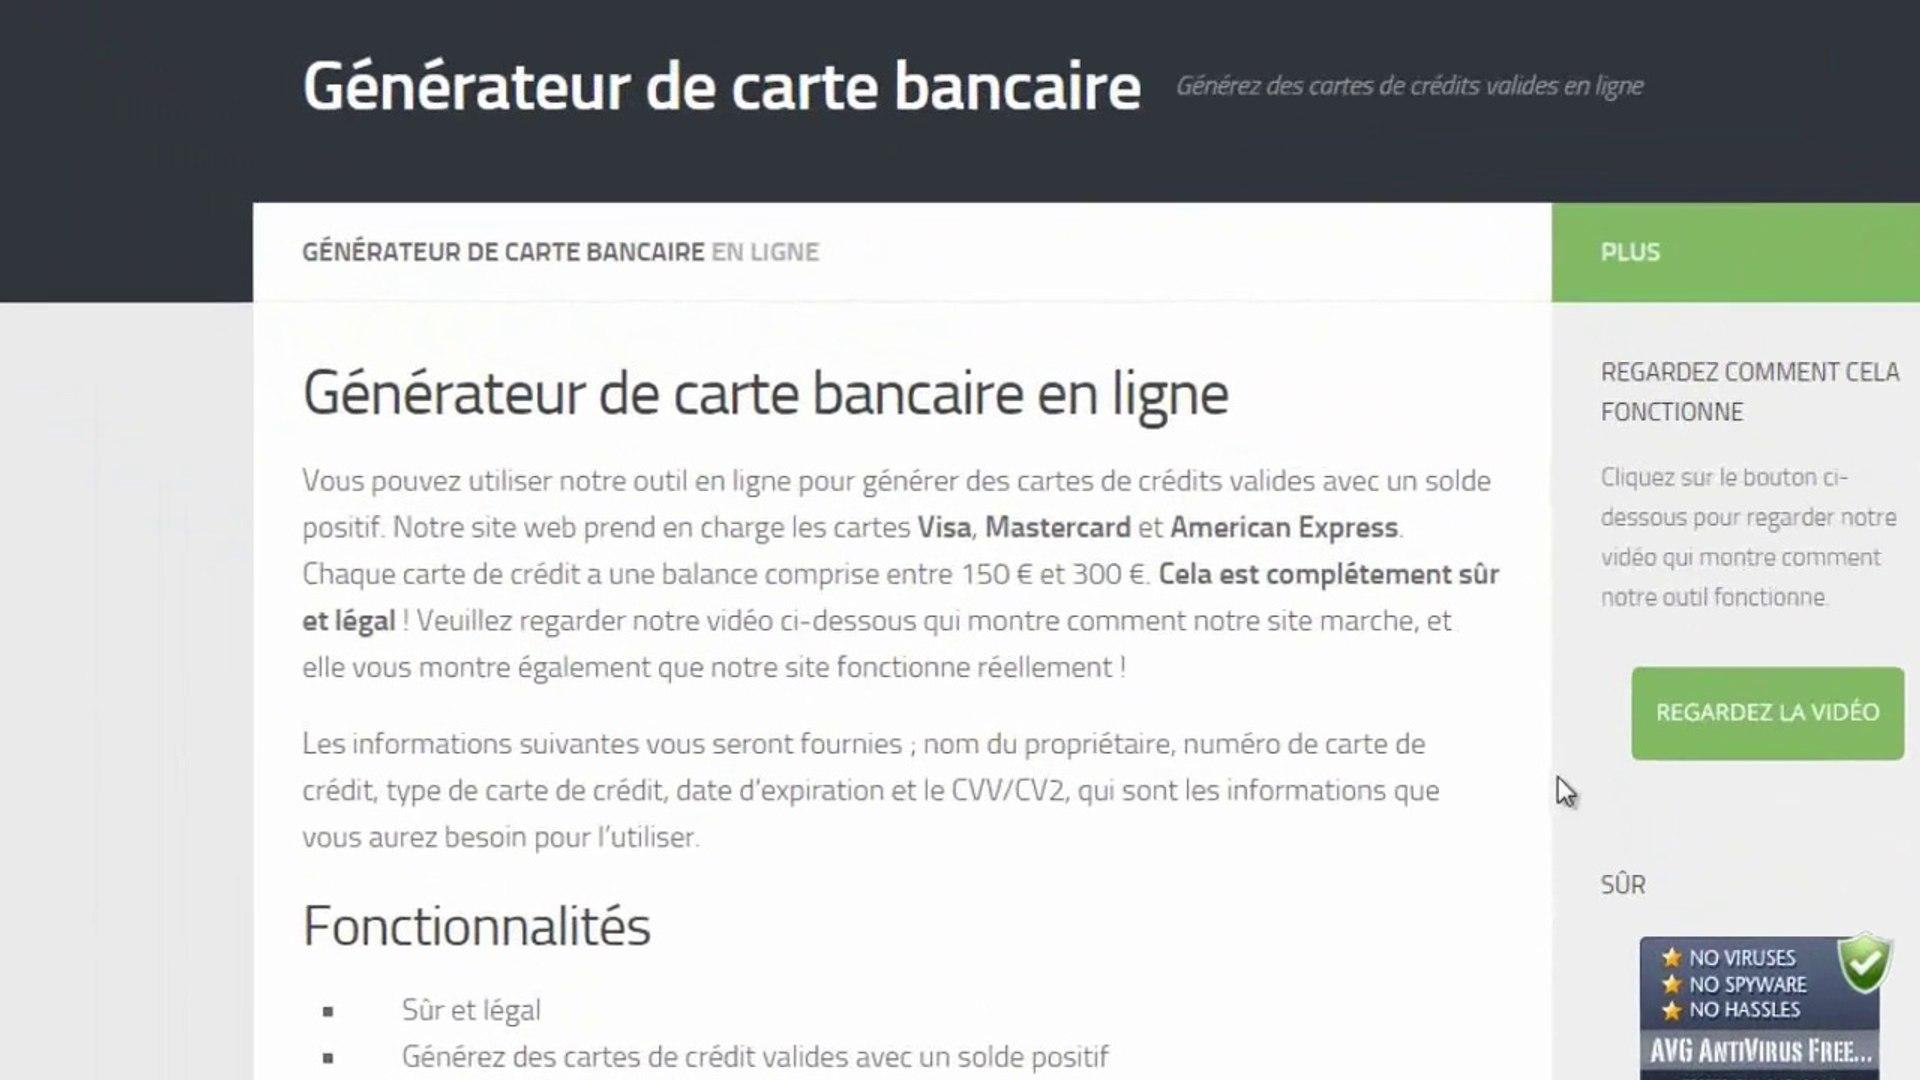 Generateur De Carte Bancaire En Ligne Generer Des Cartes De Credits Valides Video Dailymotion